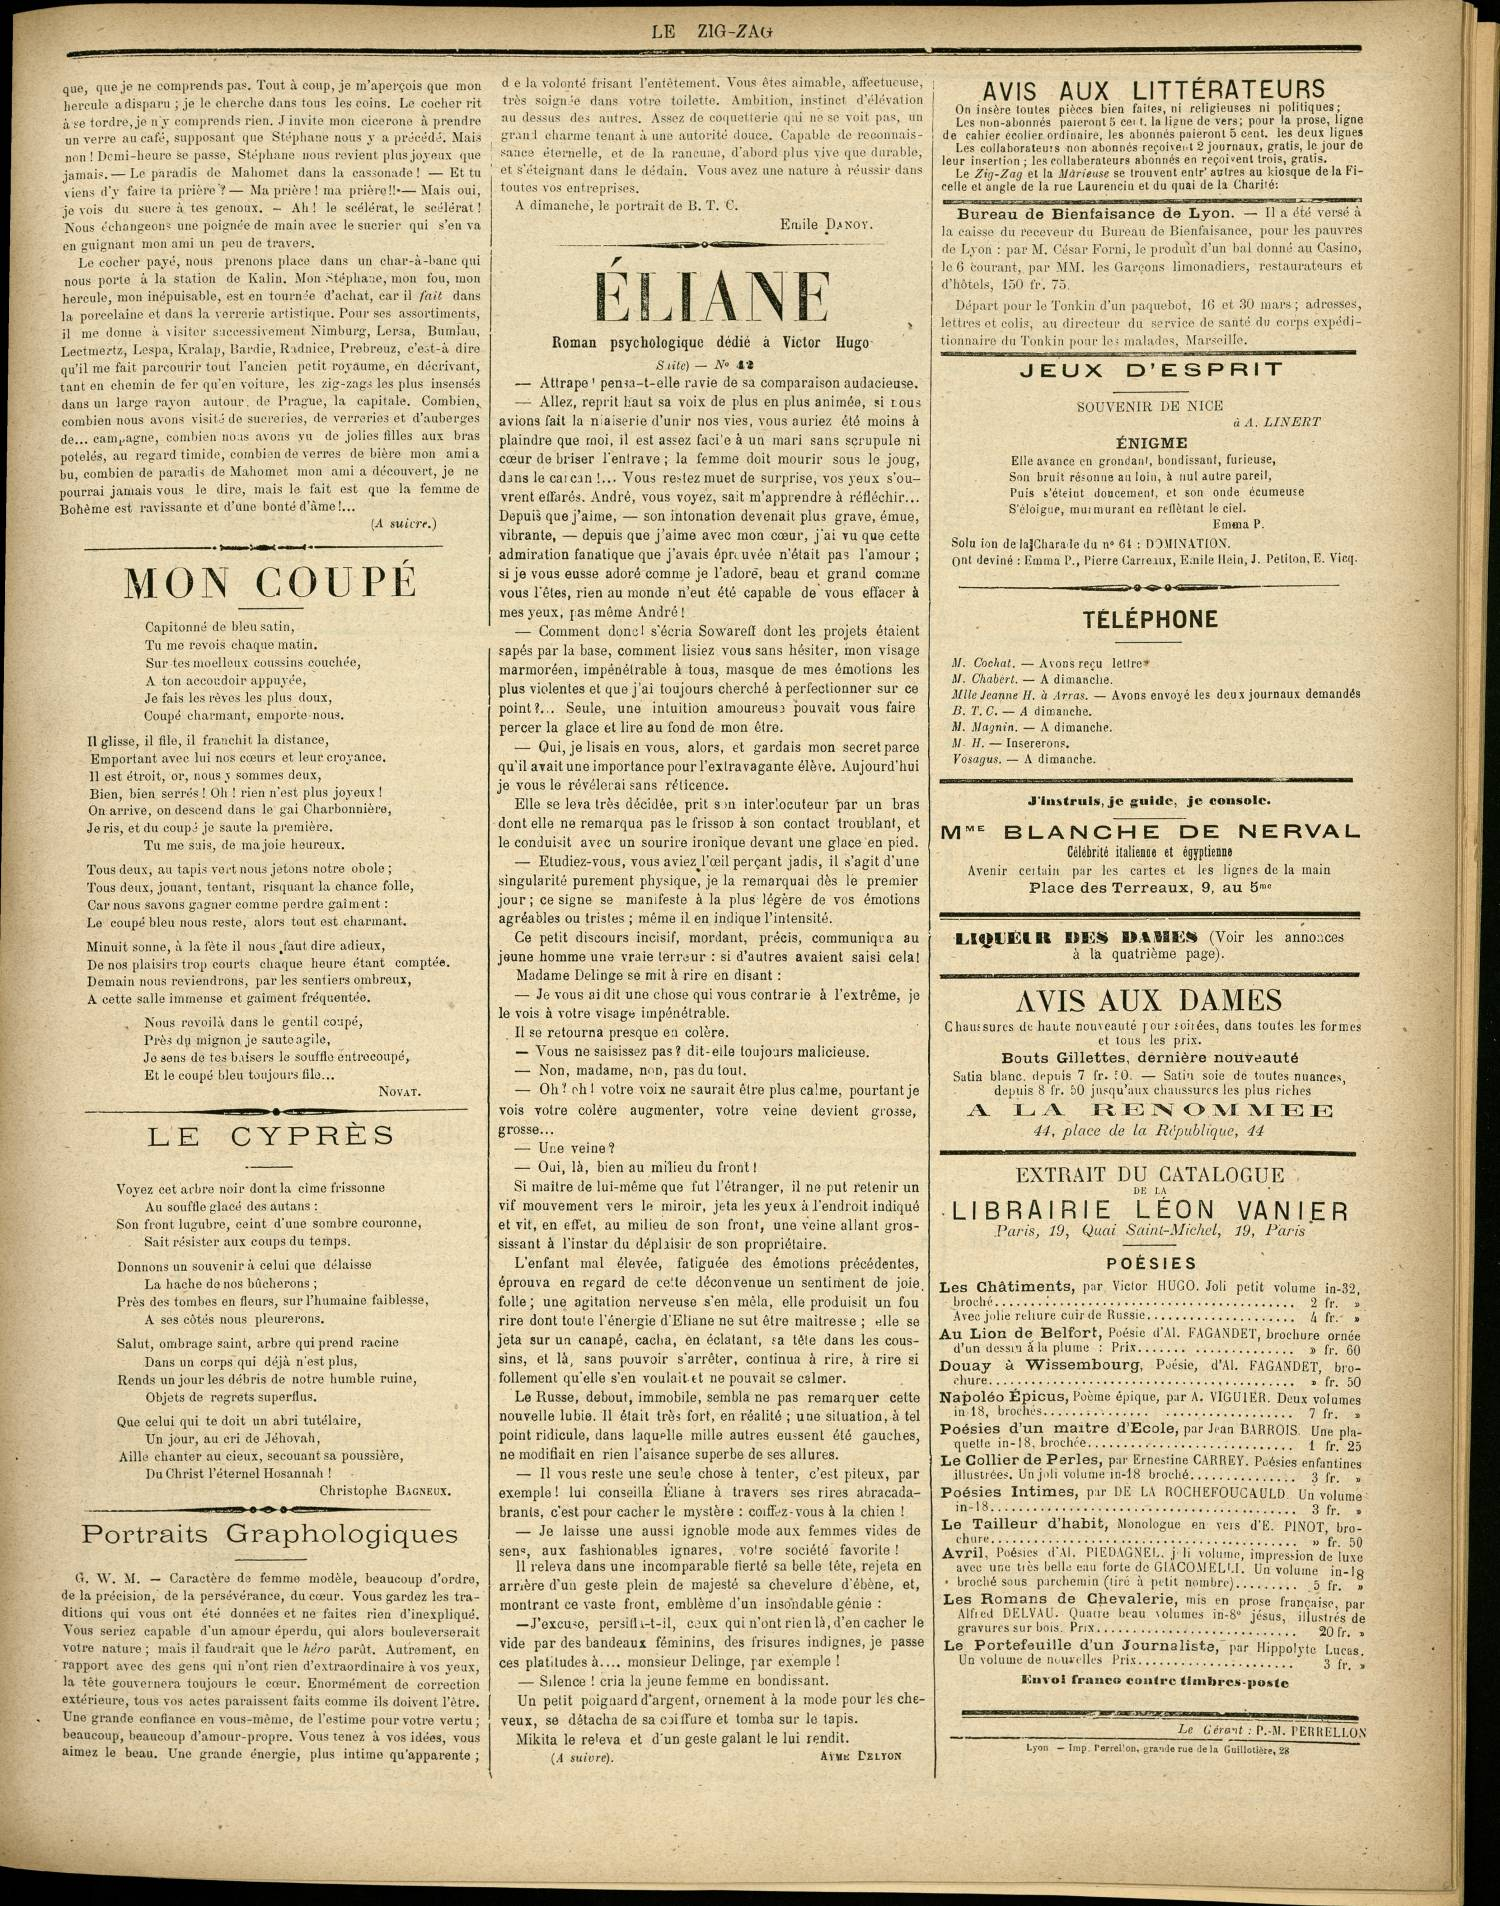 Contenu textuel de l'image : Roman psychologique dédié à Victor Hugo